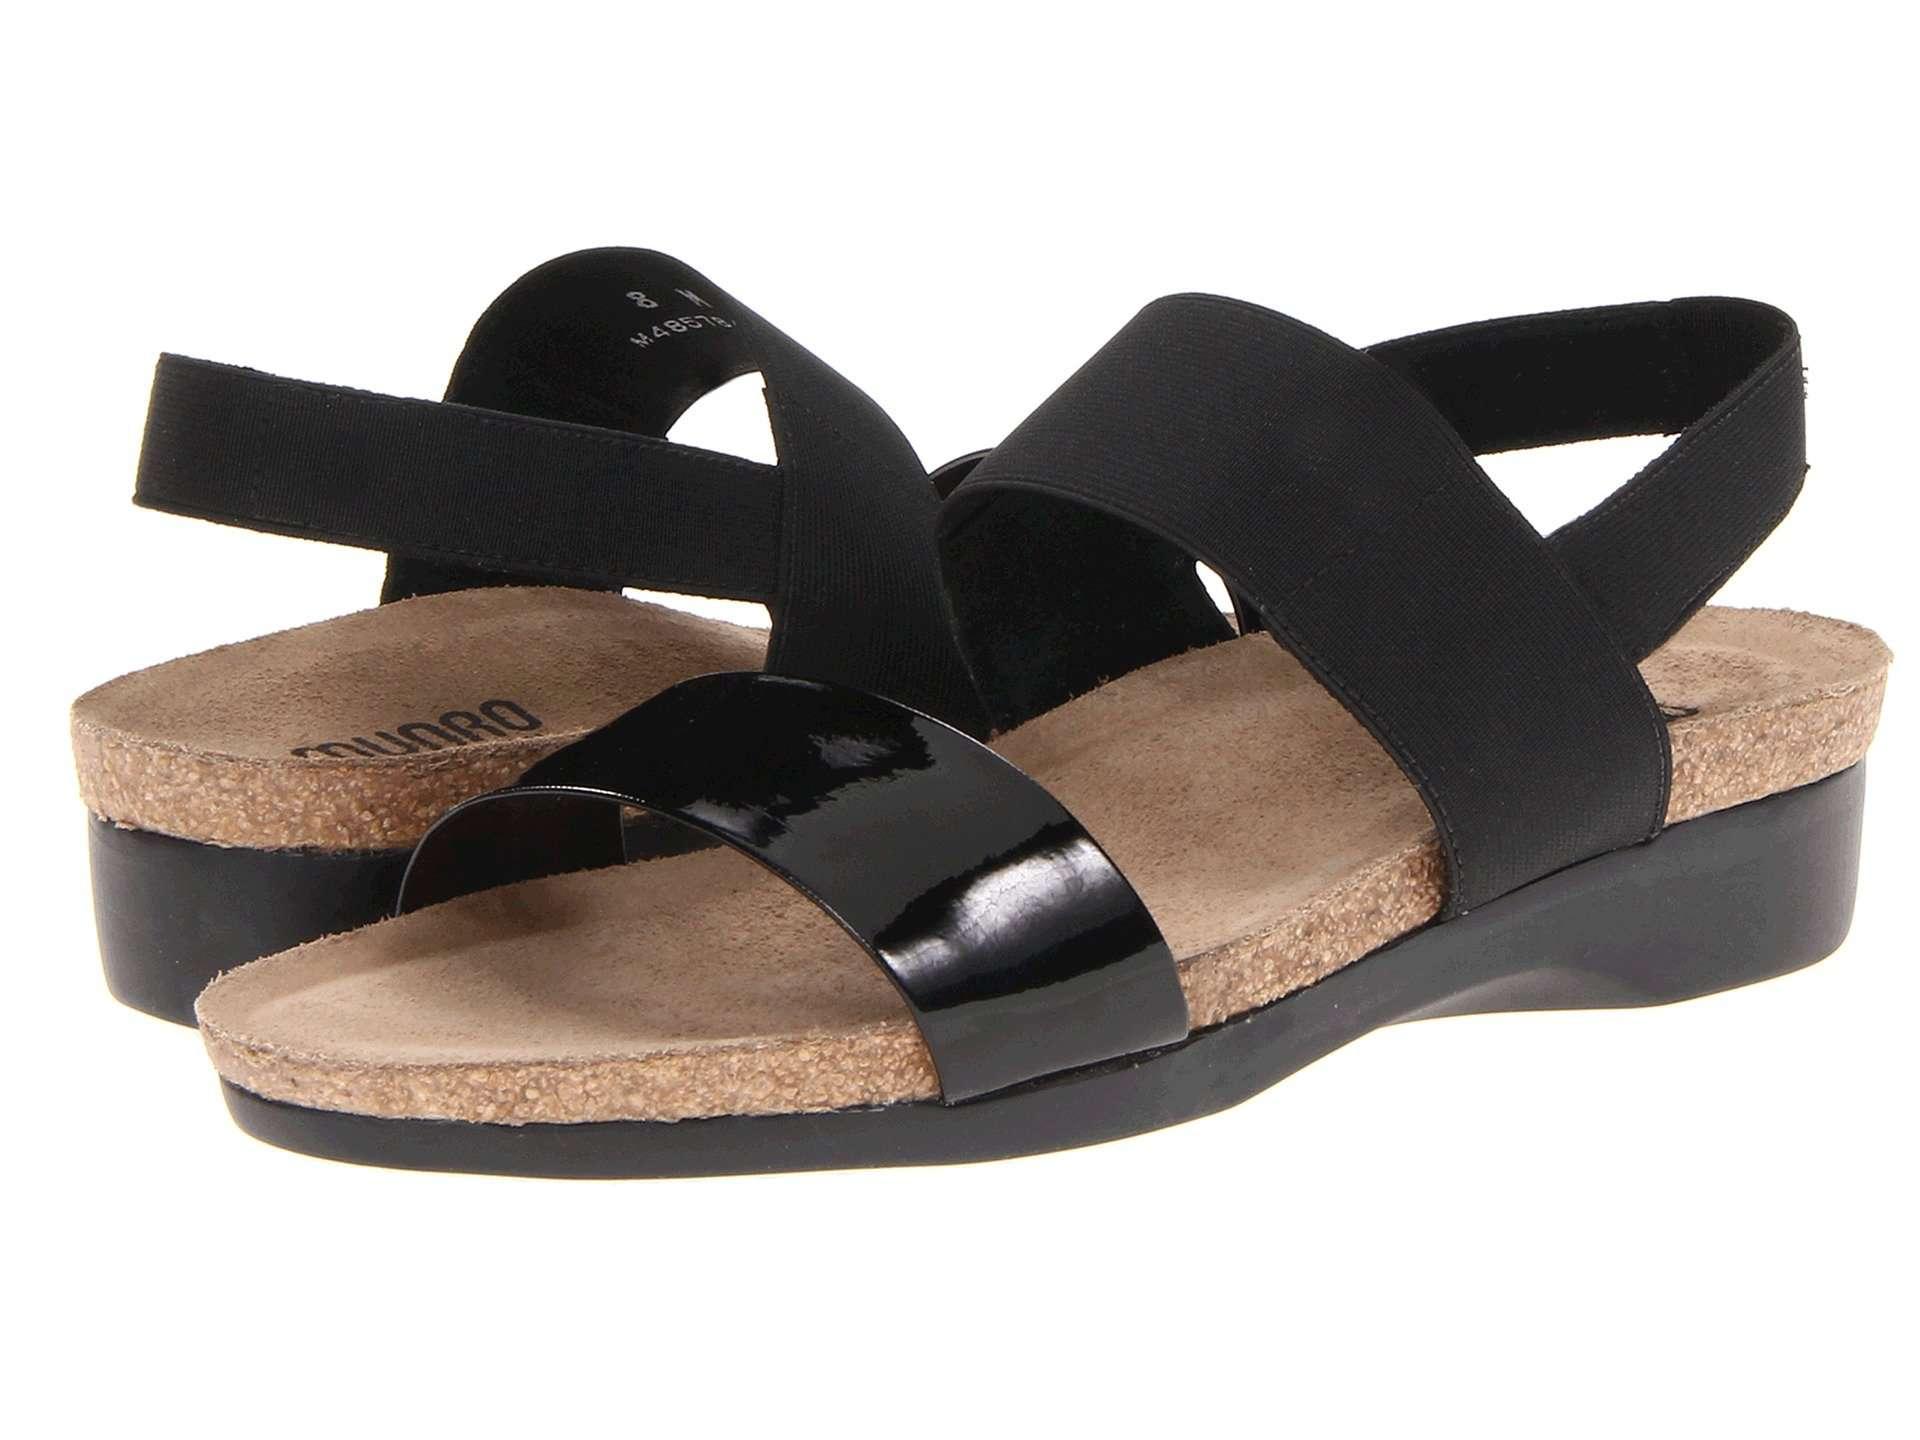 zappos-munro-sandals